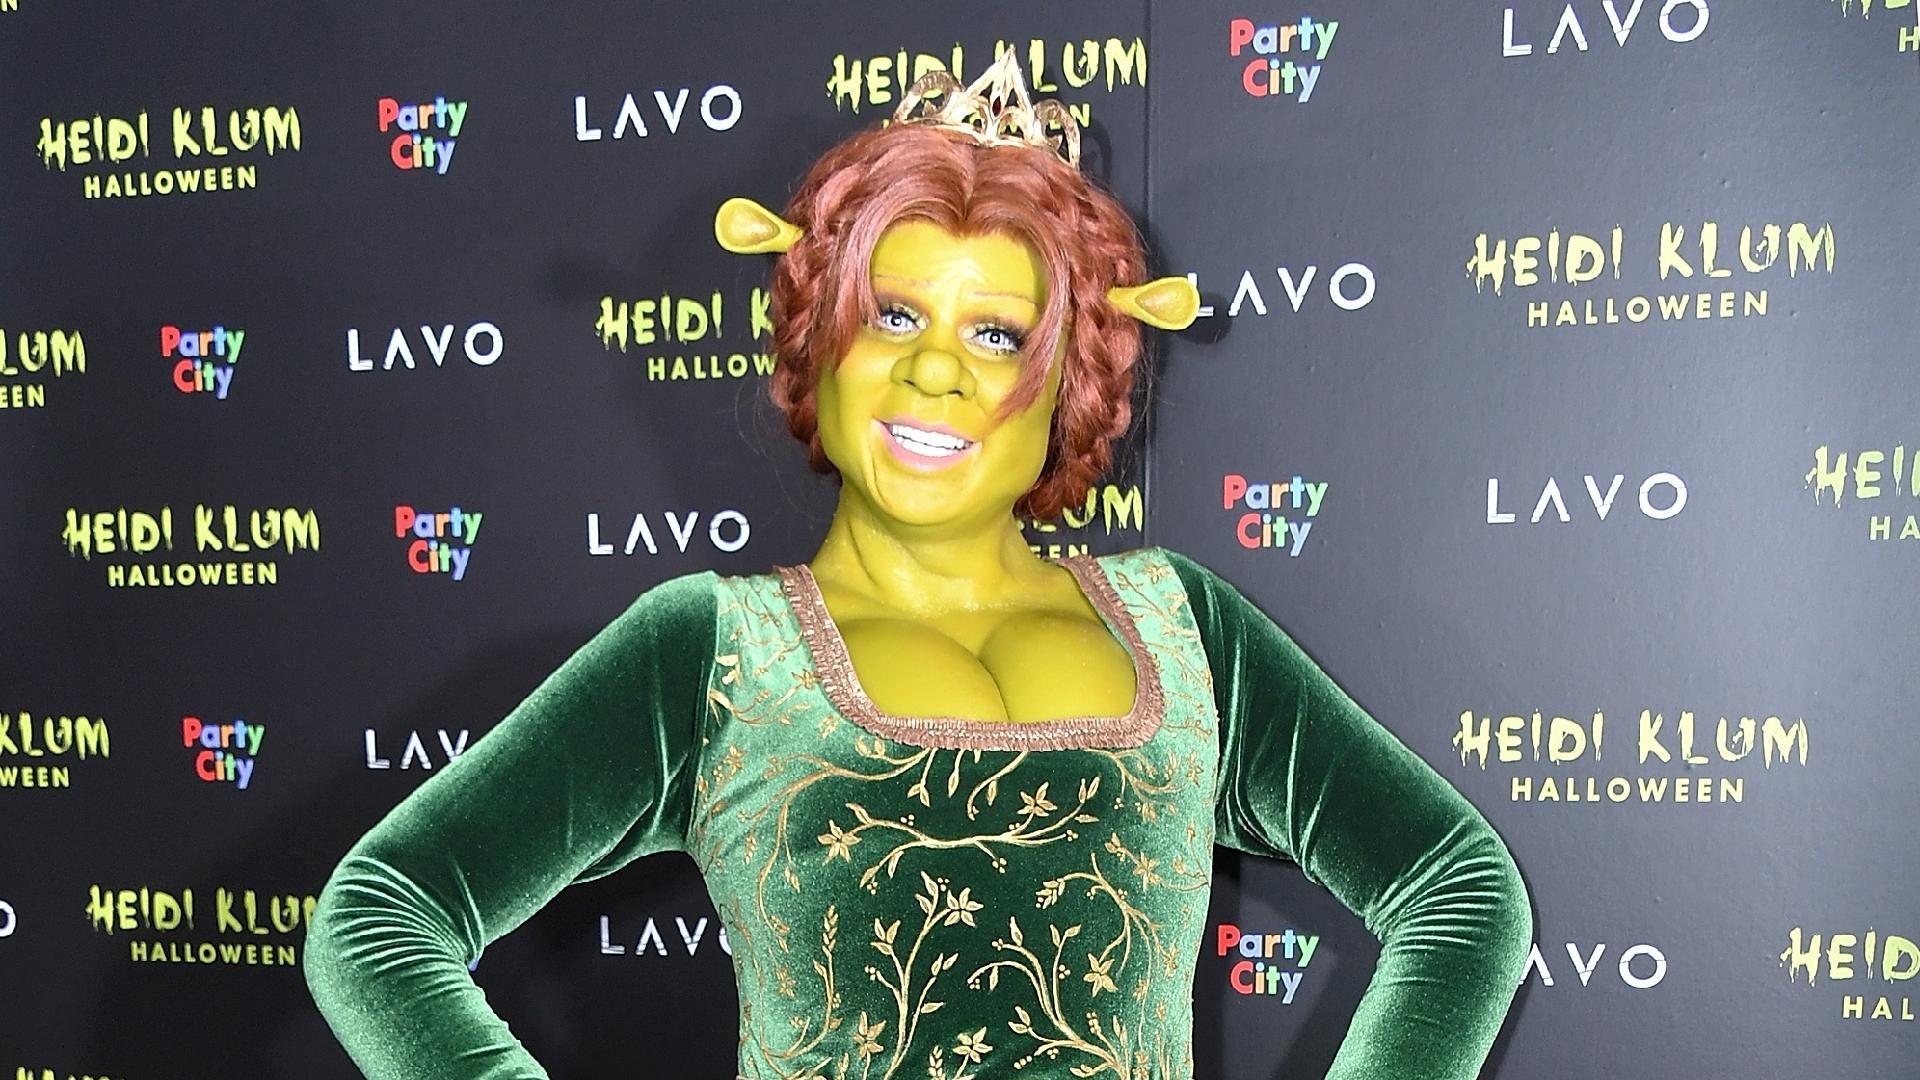 Heidi Klum como a Fiona, de Shrek, no Halloween